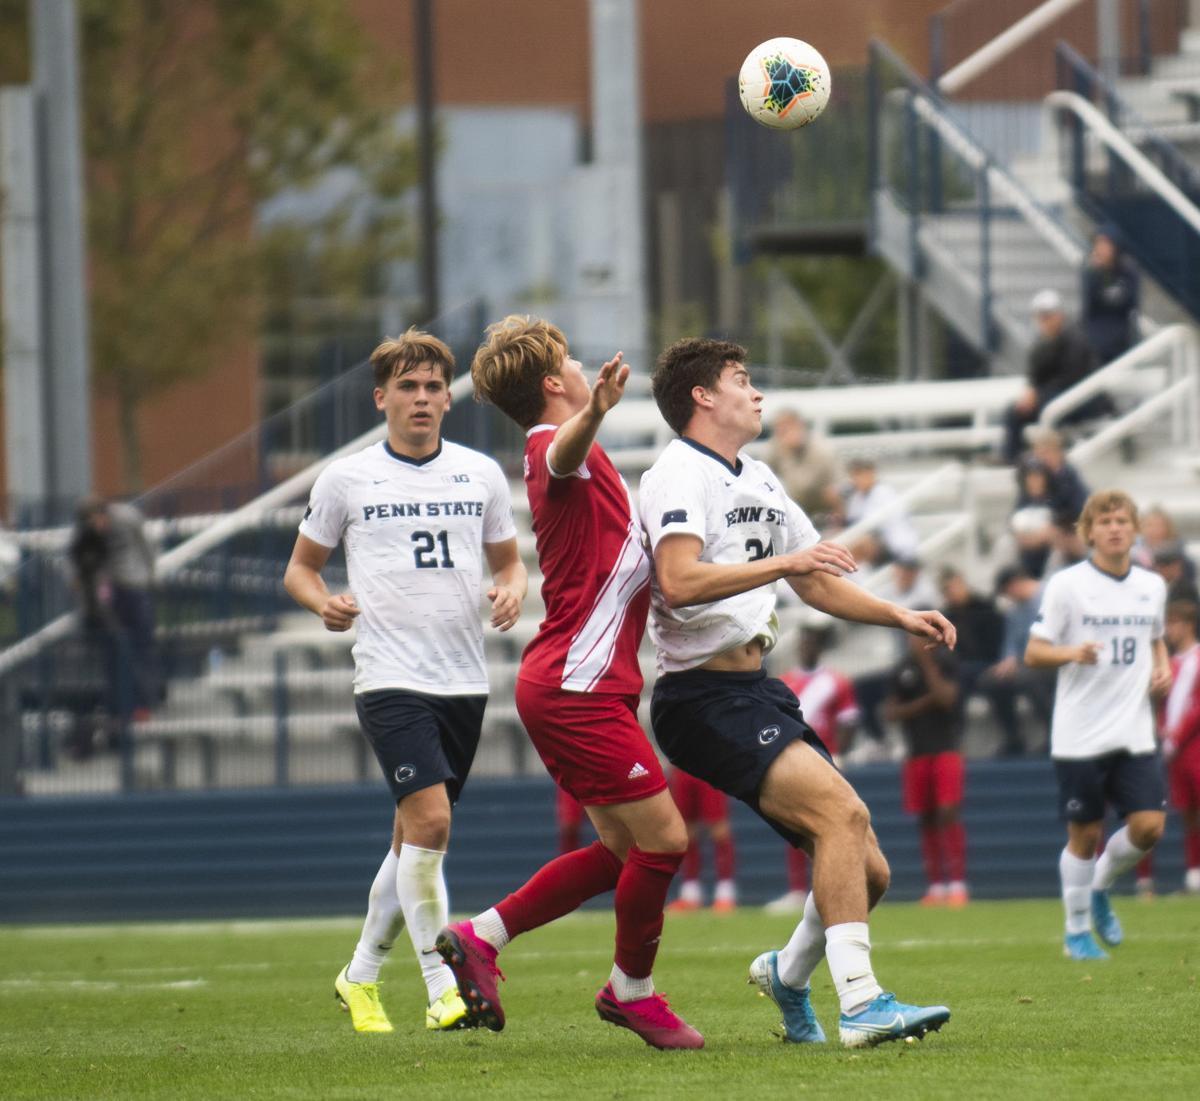 Men's Soccer v. Indiana, Sload (24) Header